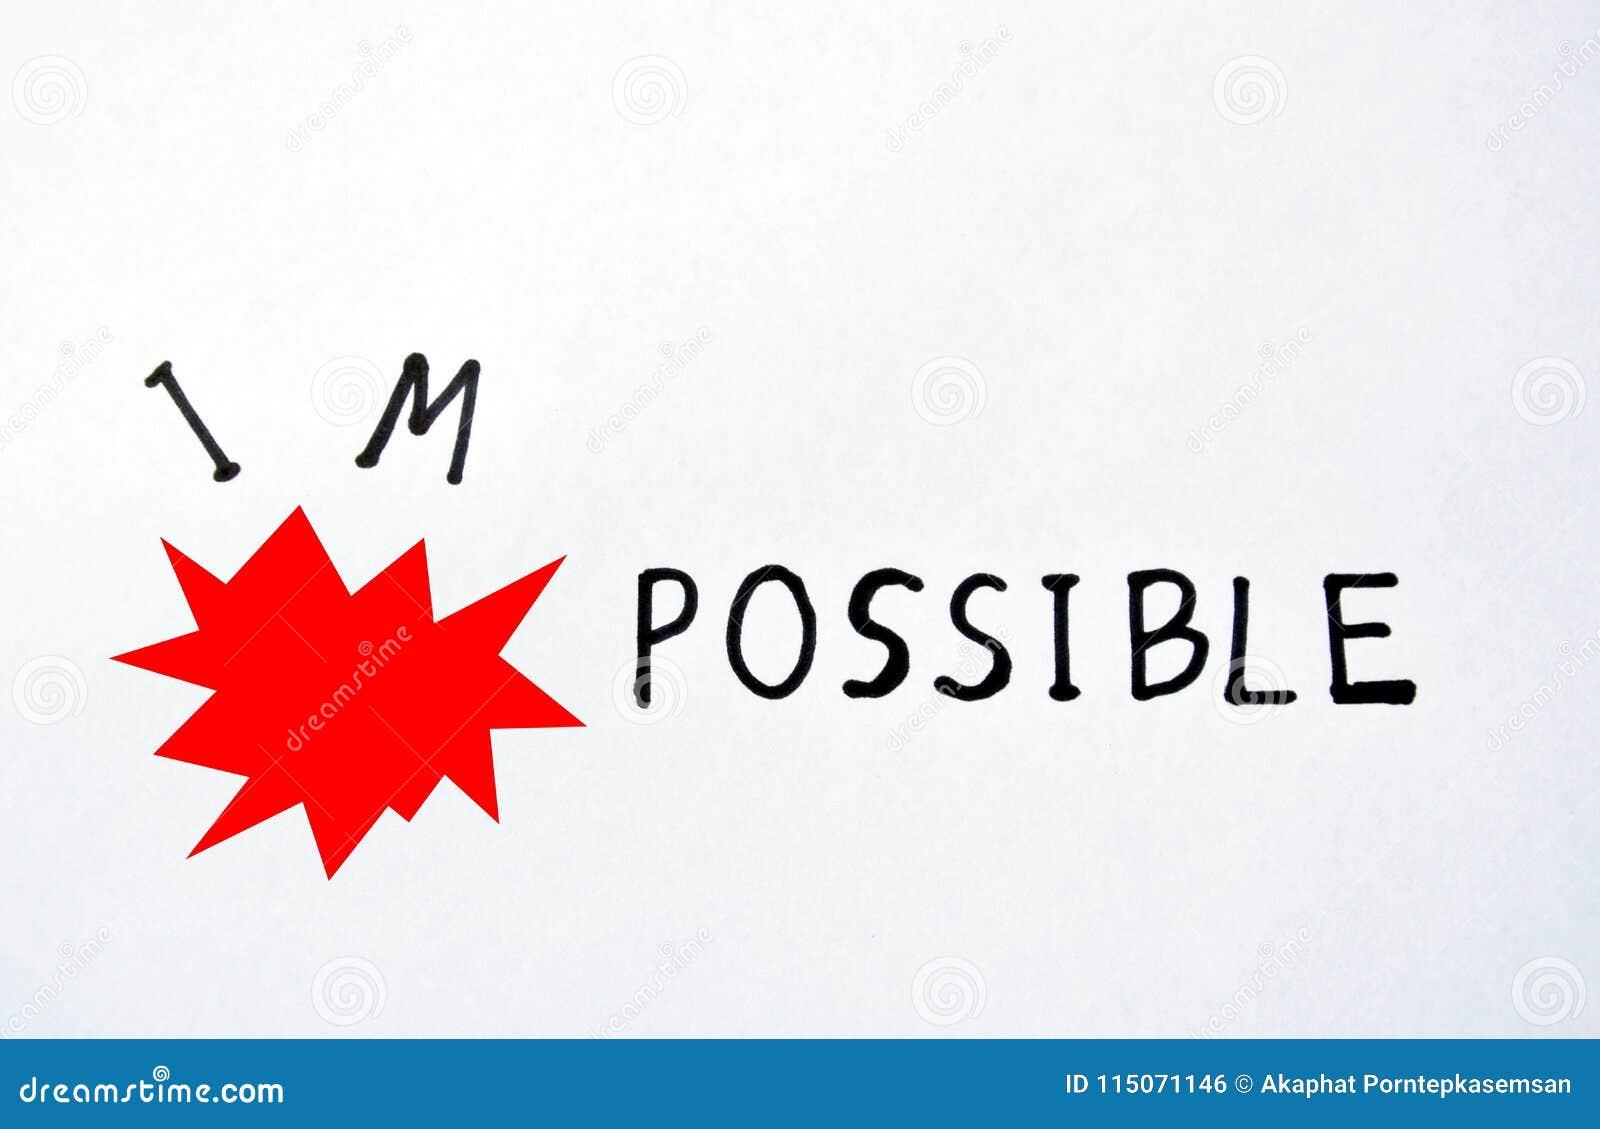 красный взрывать бомбы невозможный к возможным словам на белой бумаге